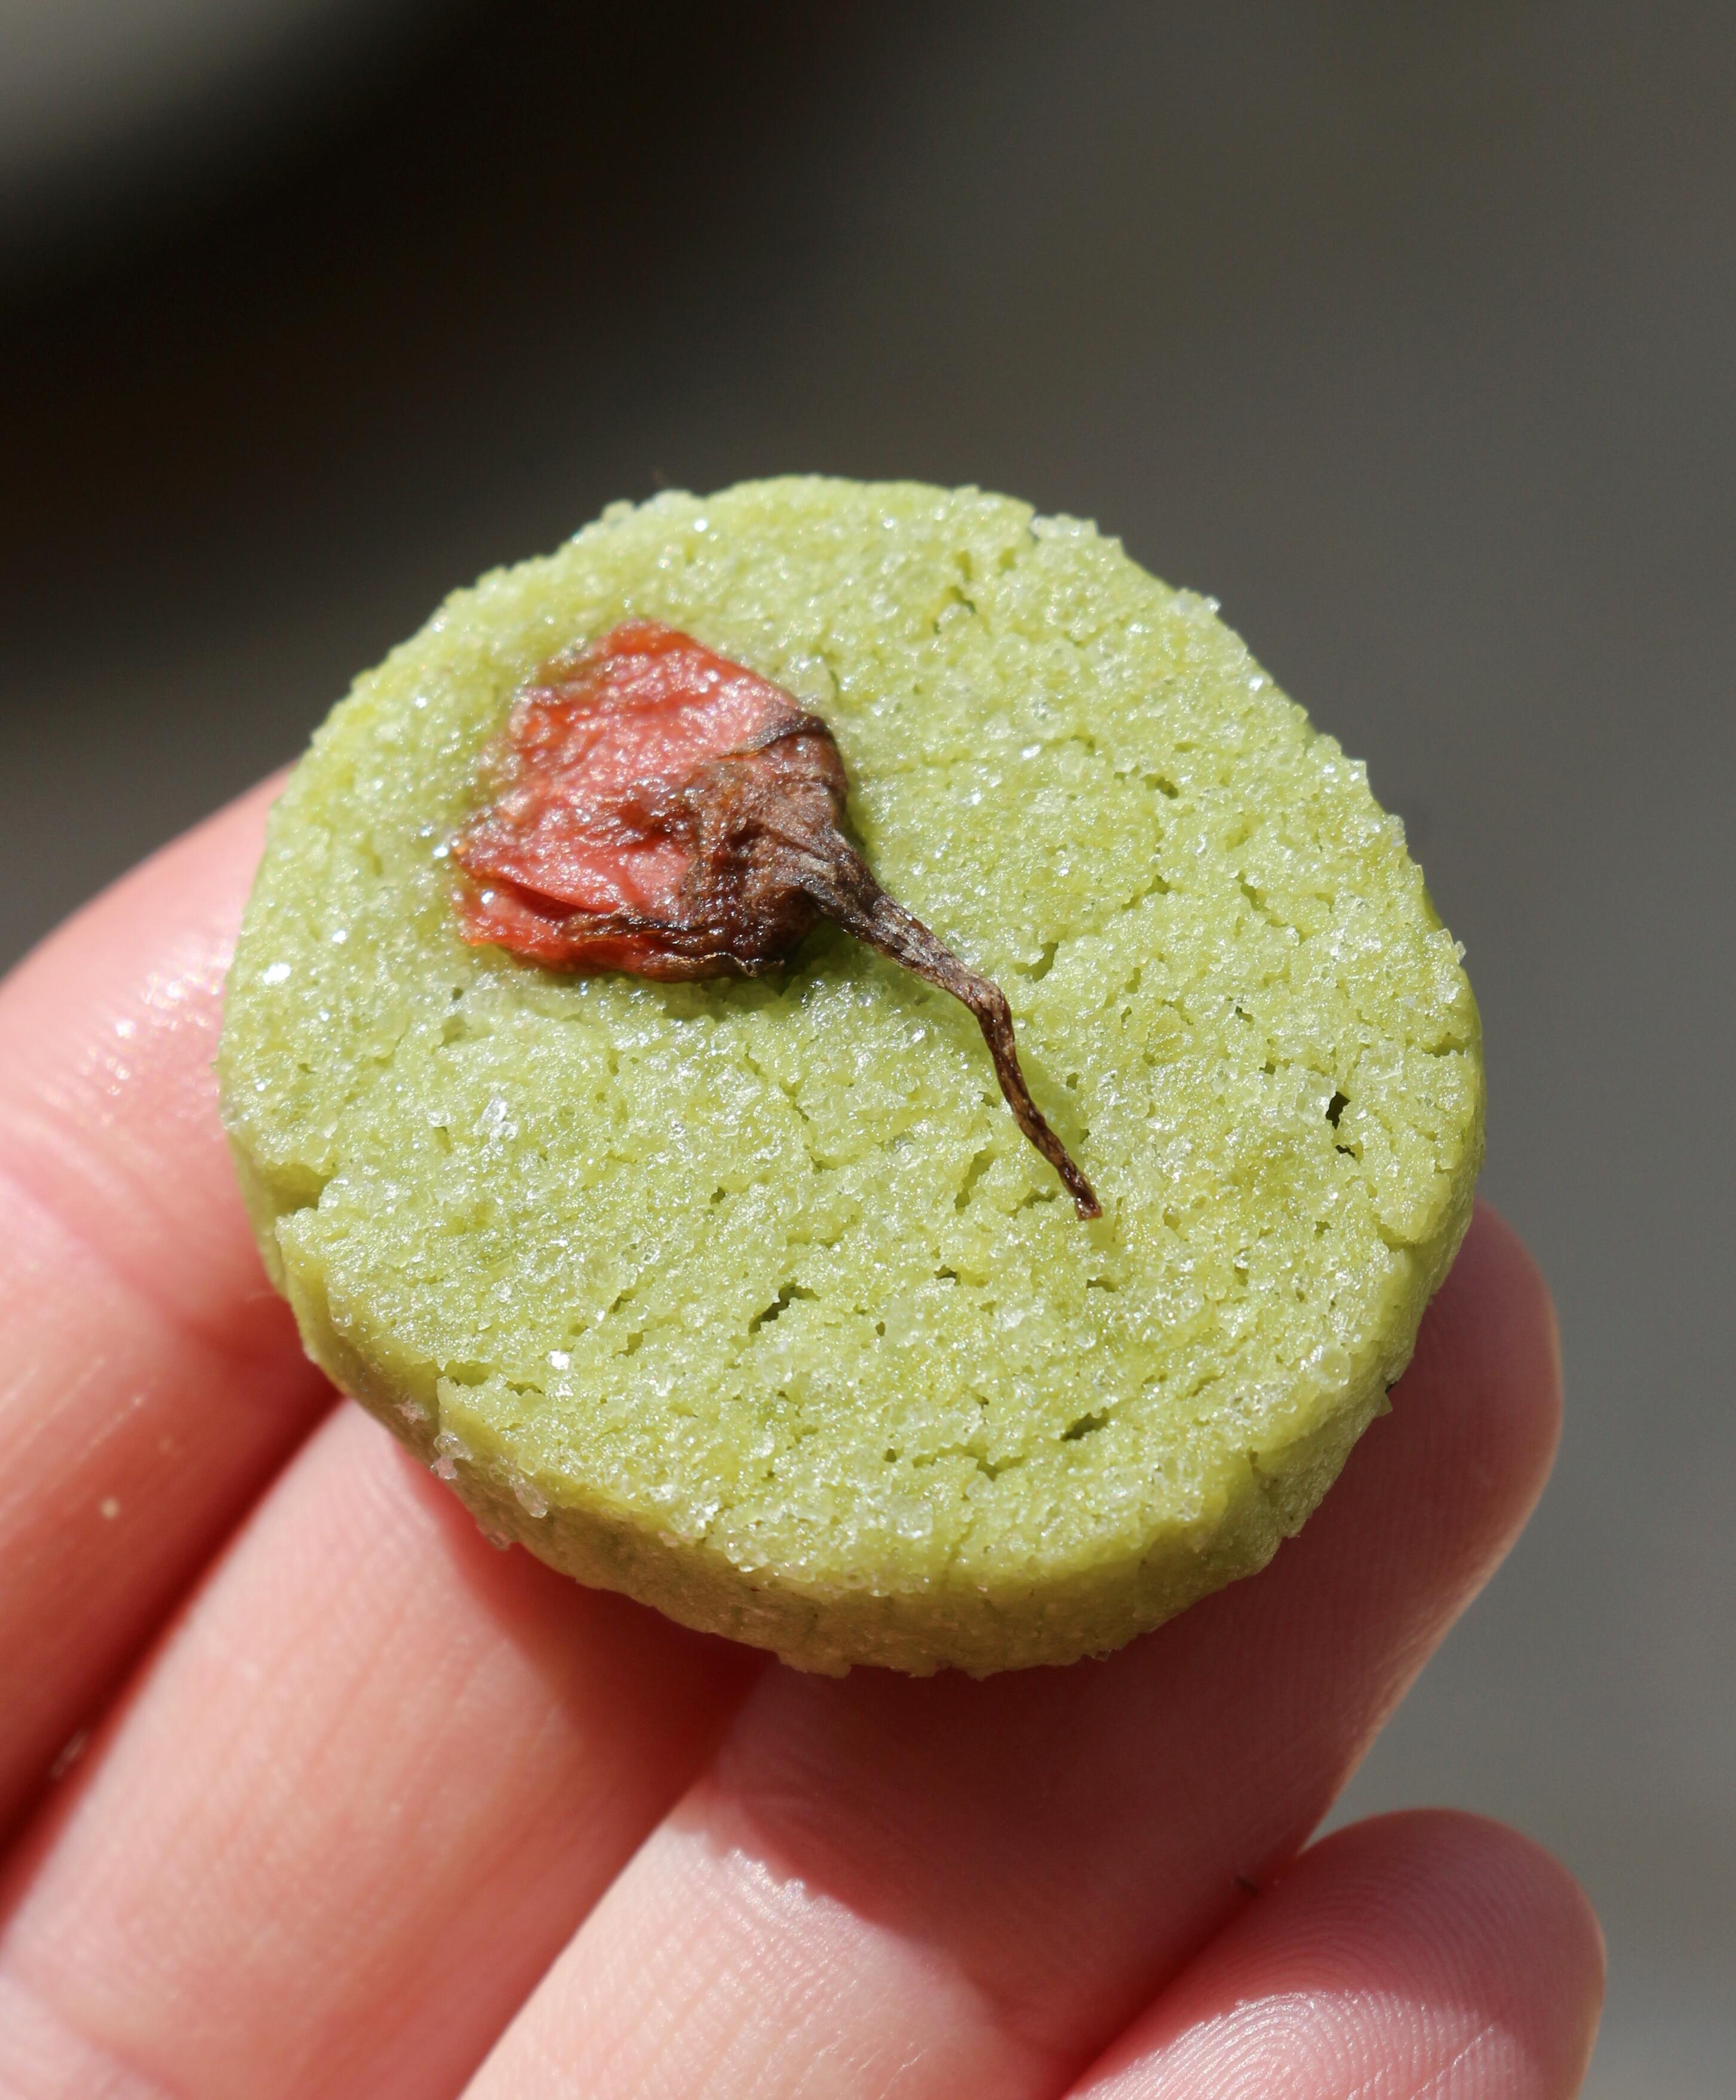 עוגיות מאצ'ה וסאקורה